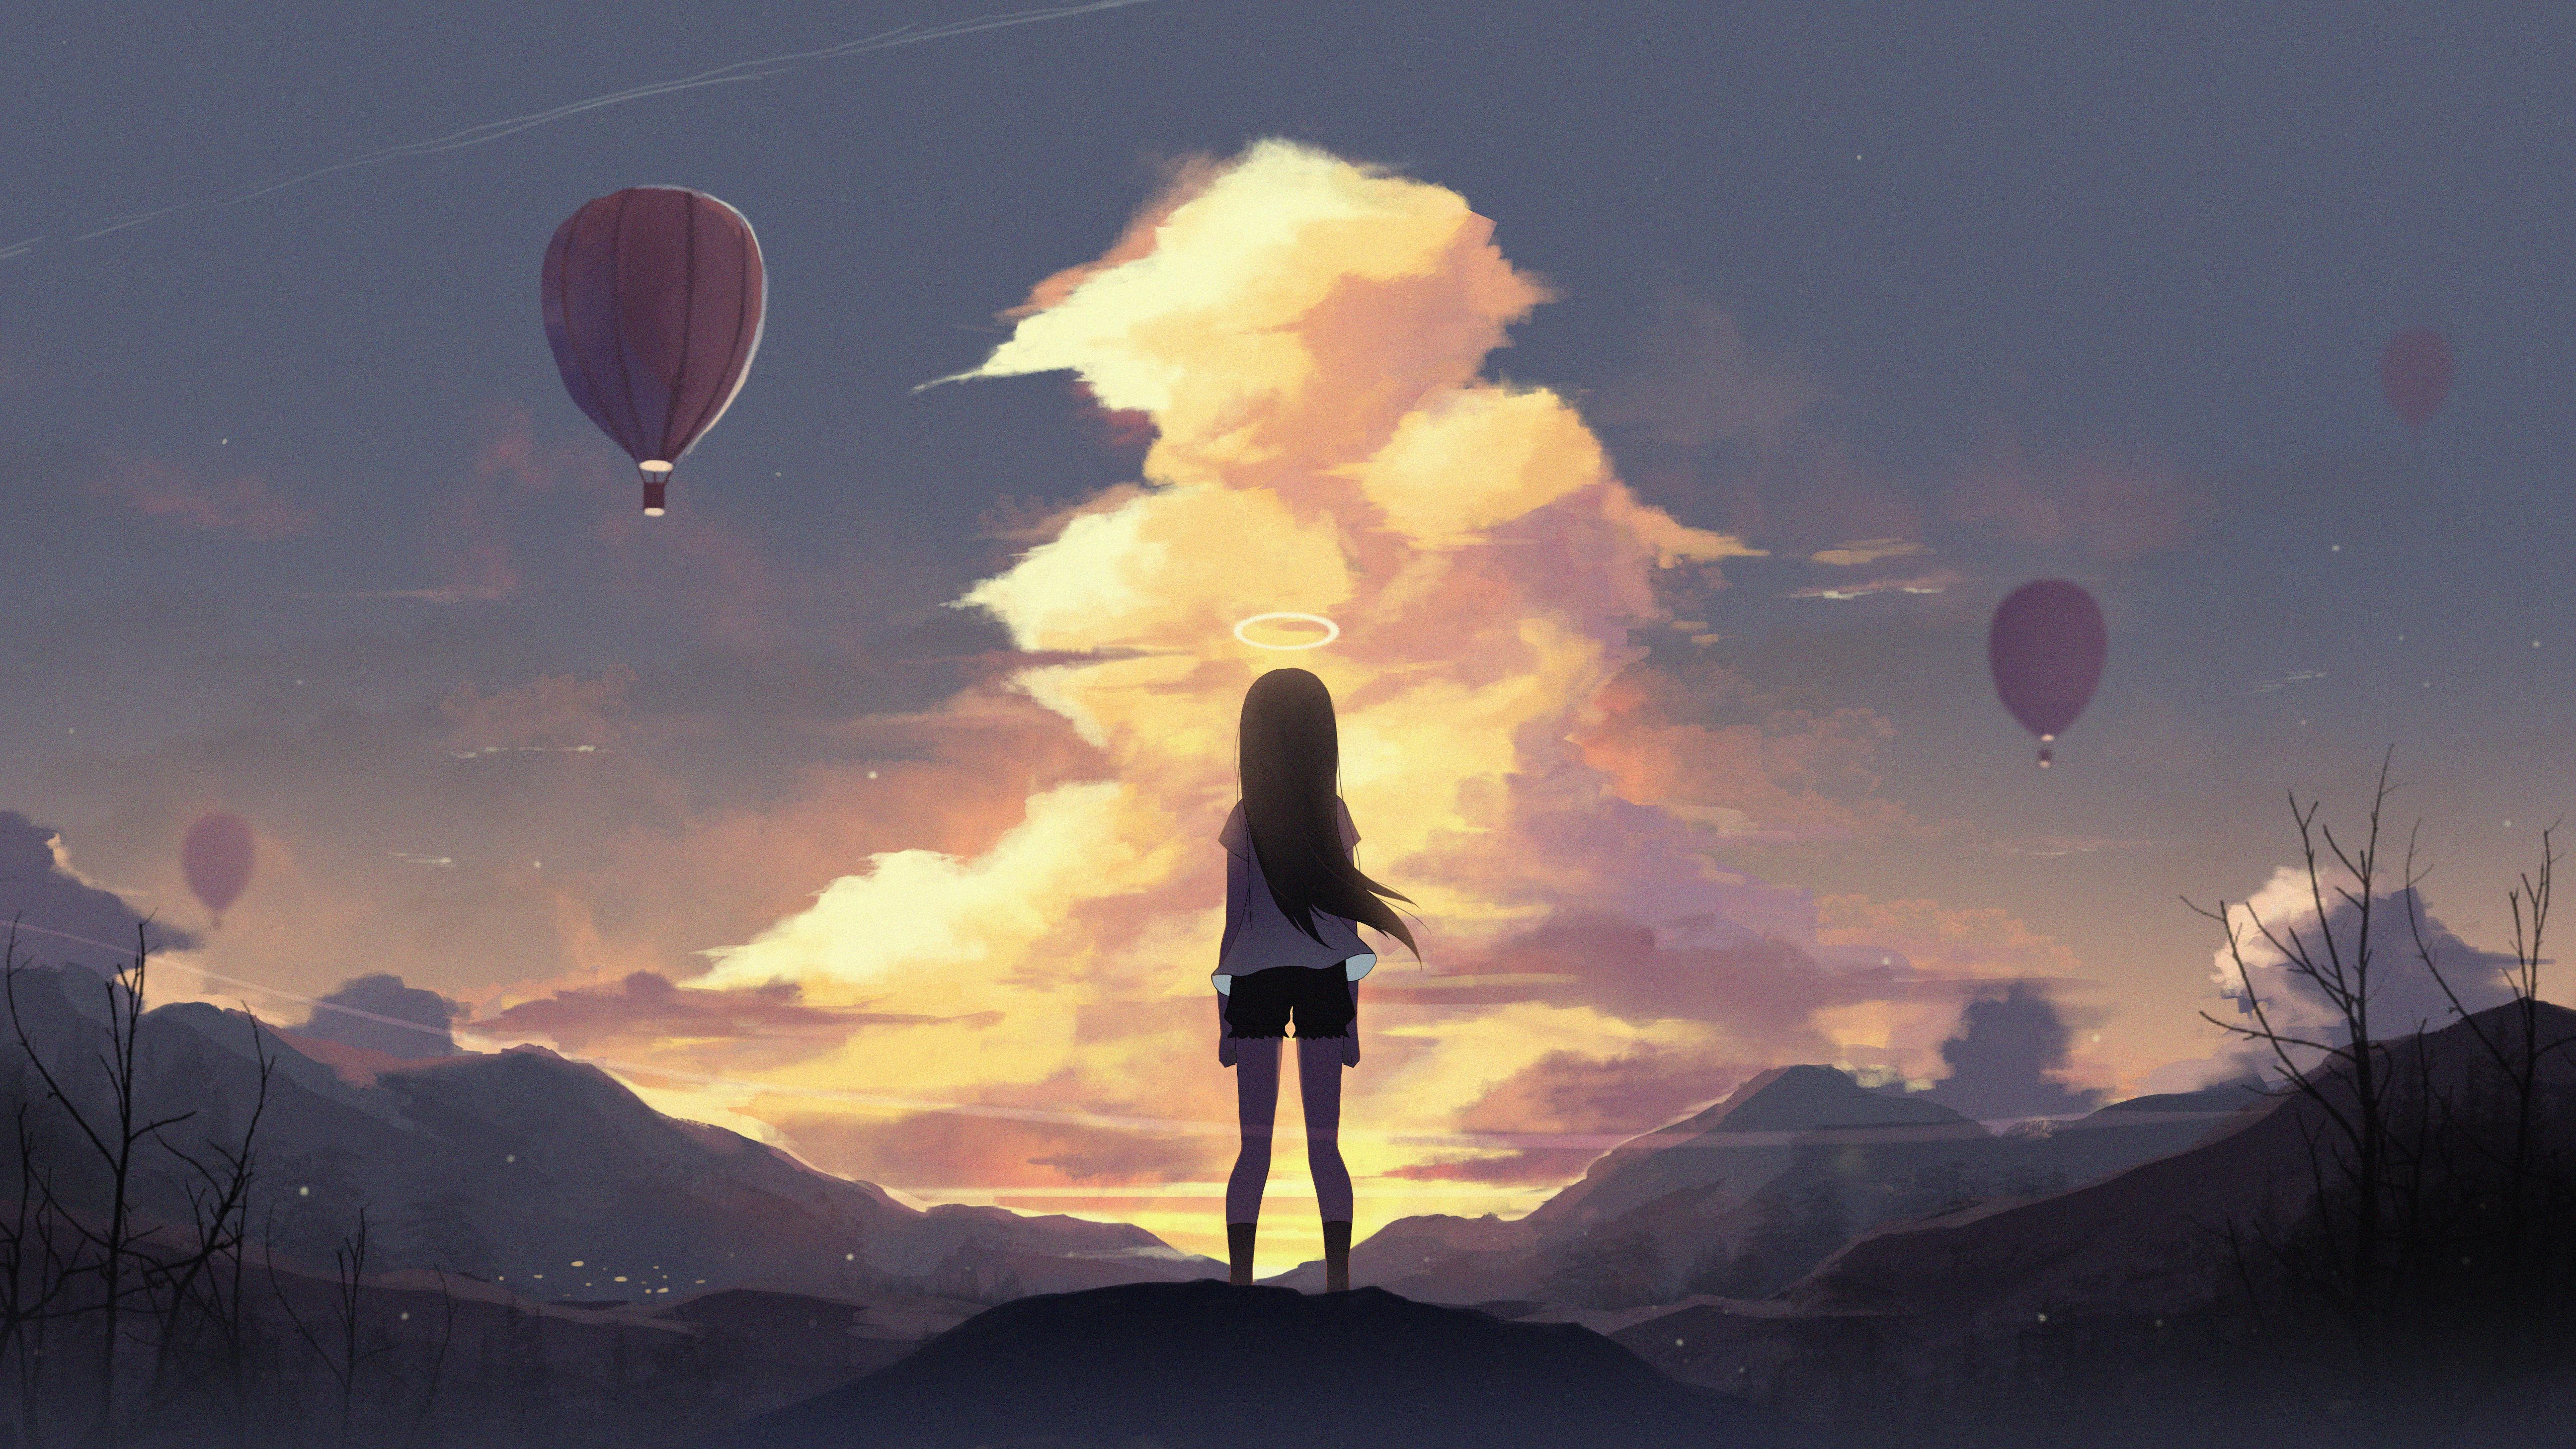 anime-original-girl-art-5k-42.jpg